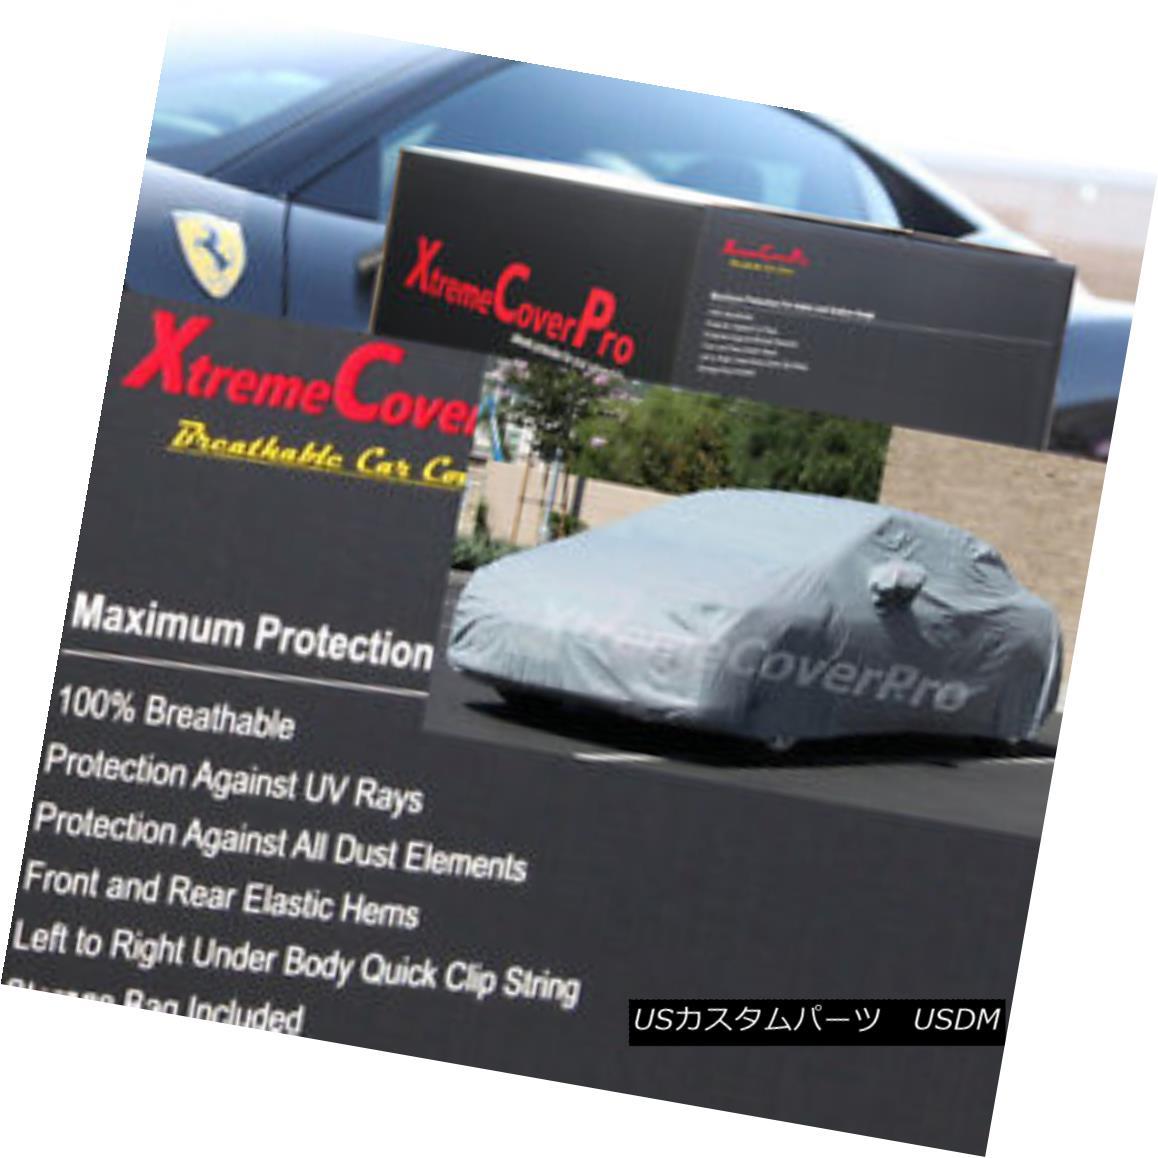 カーカバー 2000 2001 2002 2003 Chevy Monte Carlo Breathable Car Cover w/MirrorPocket 2000 2001 2002 2003シボレーモンテカルロ通気性車カバー付き/ MirrorPocket